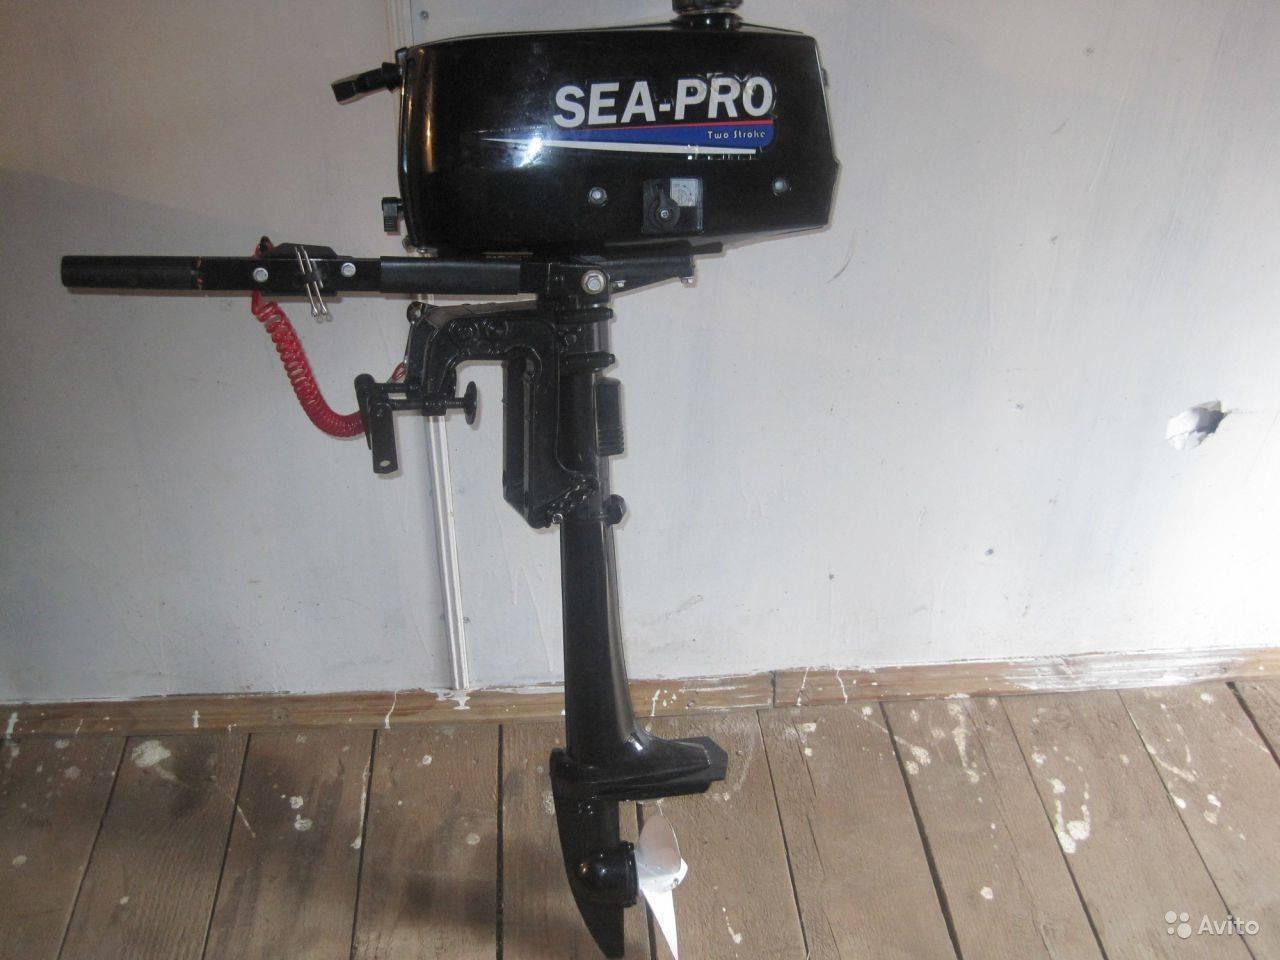 Лодочный мотор sea-pro t 3 s отзывы, характеристики, цена, недостатки